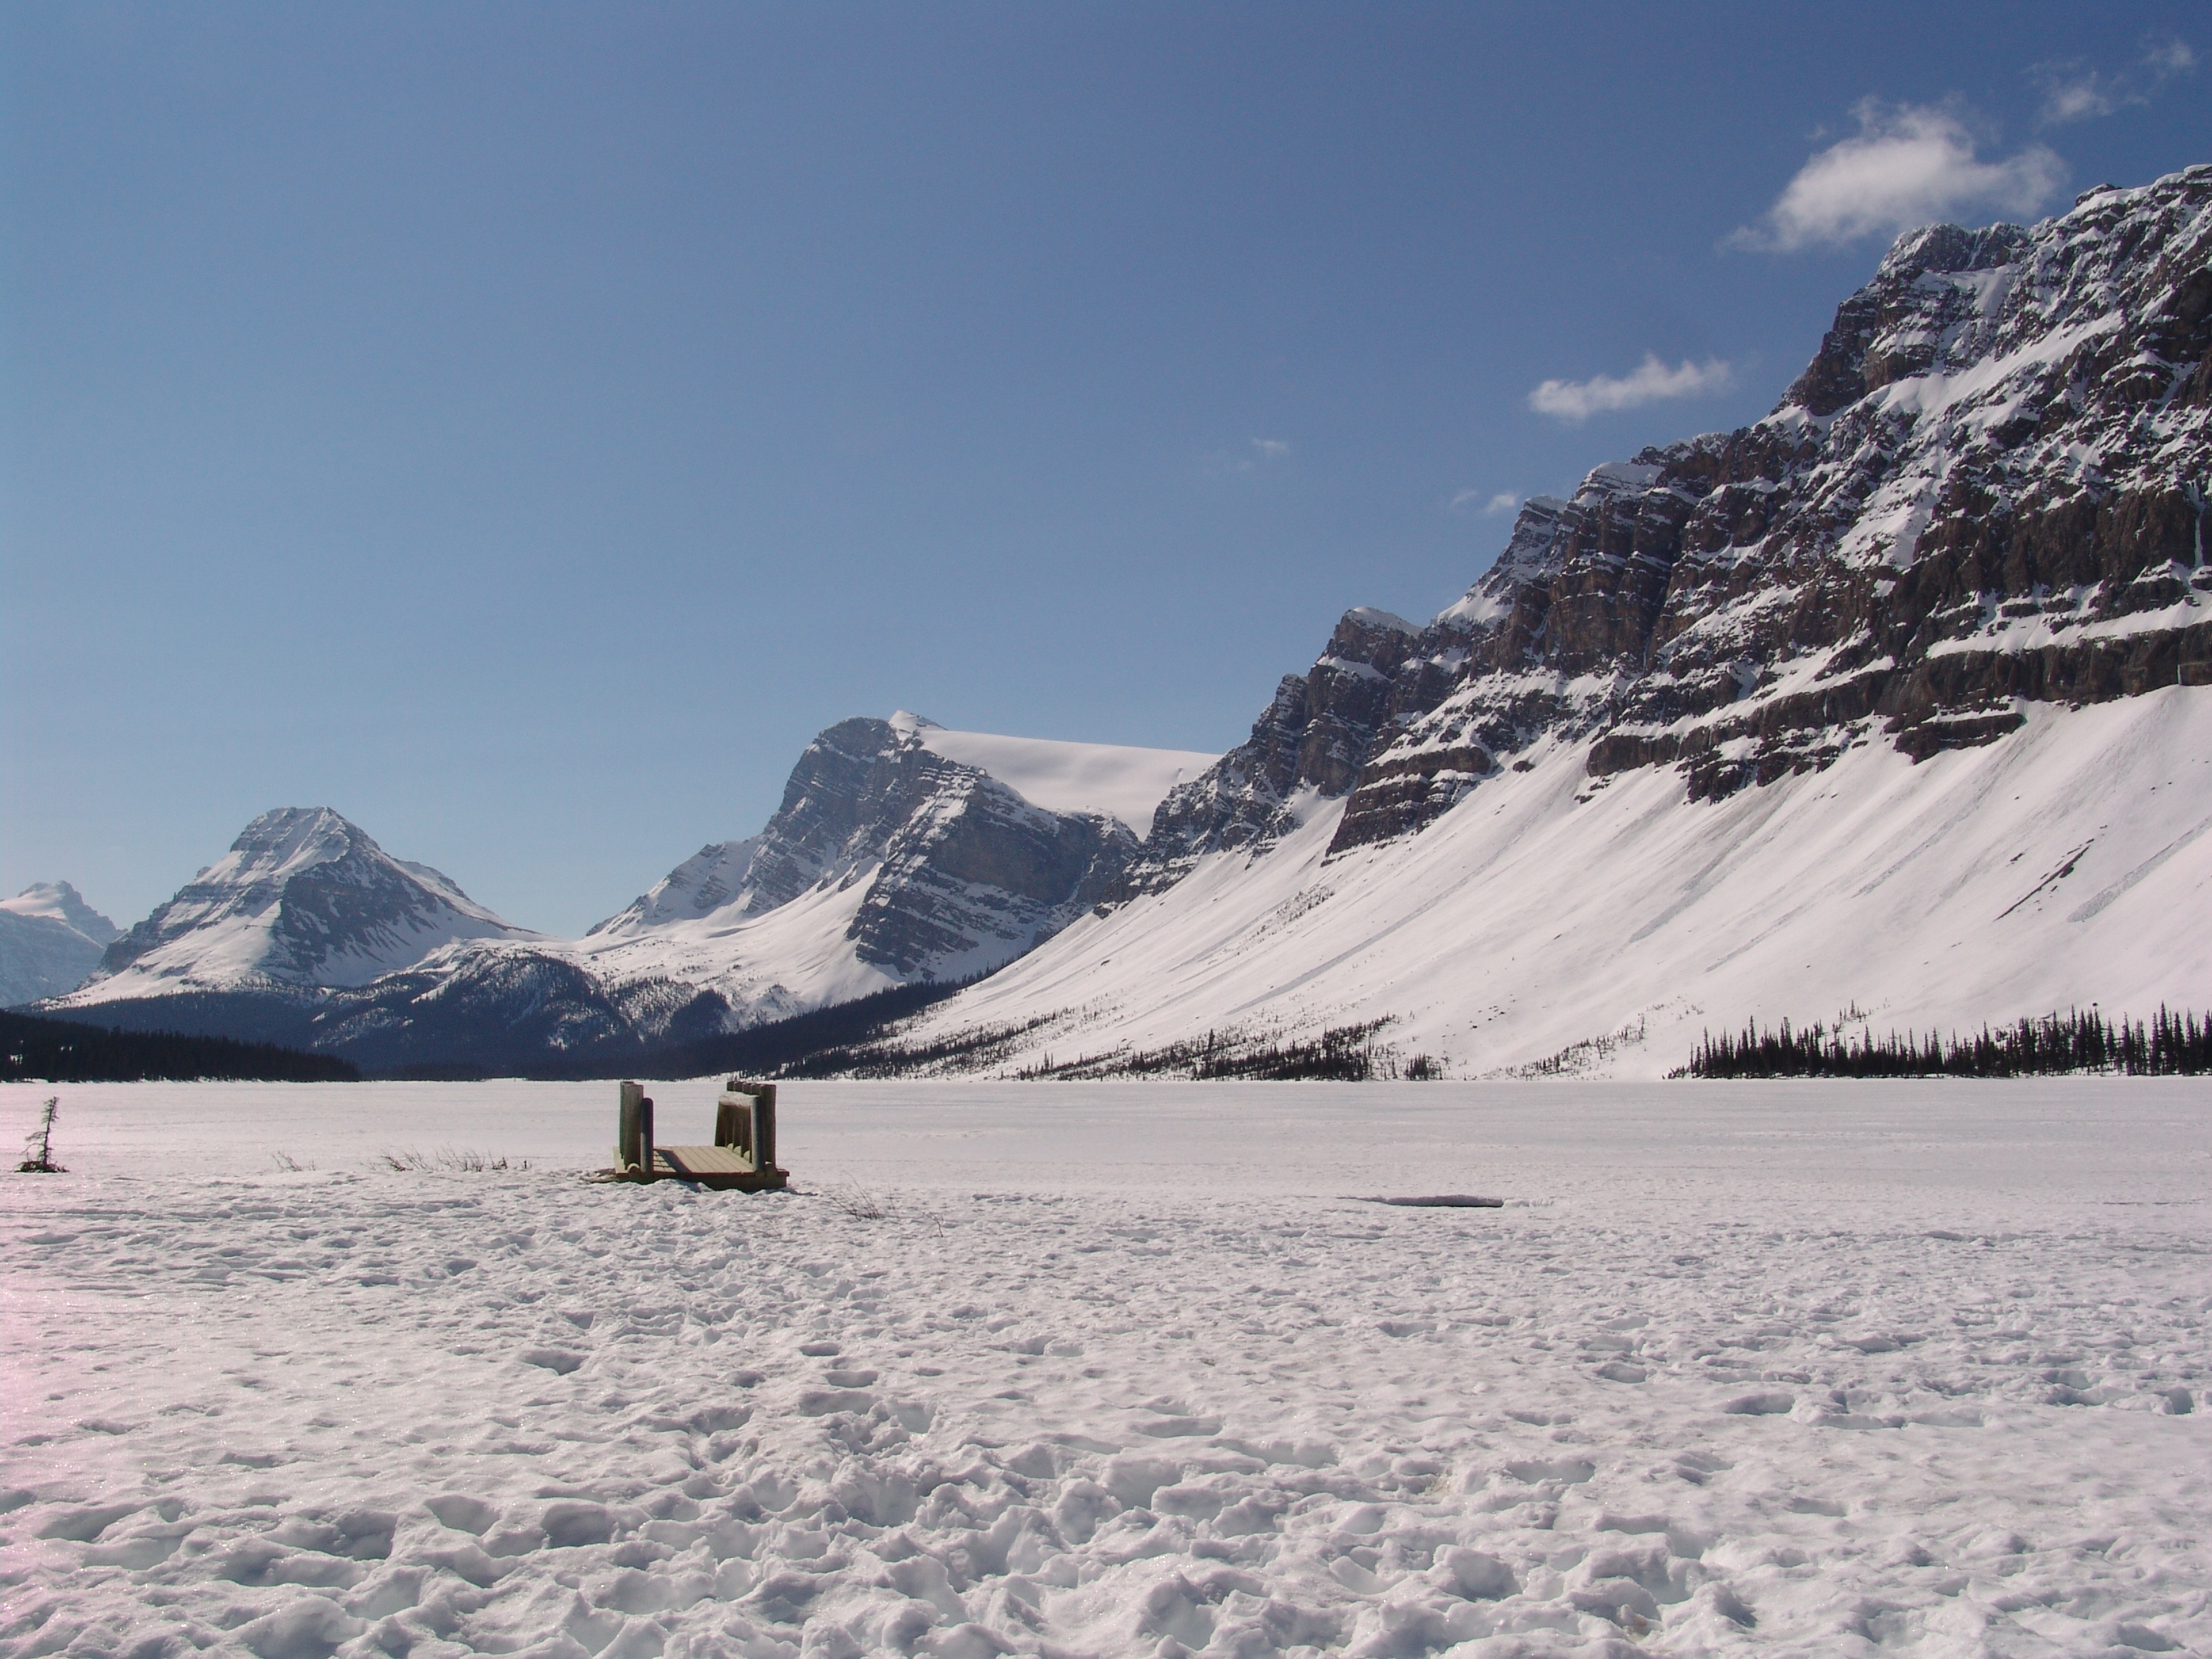 絶景の雪山